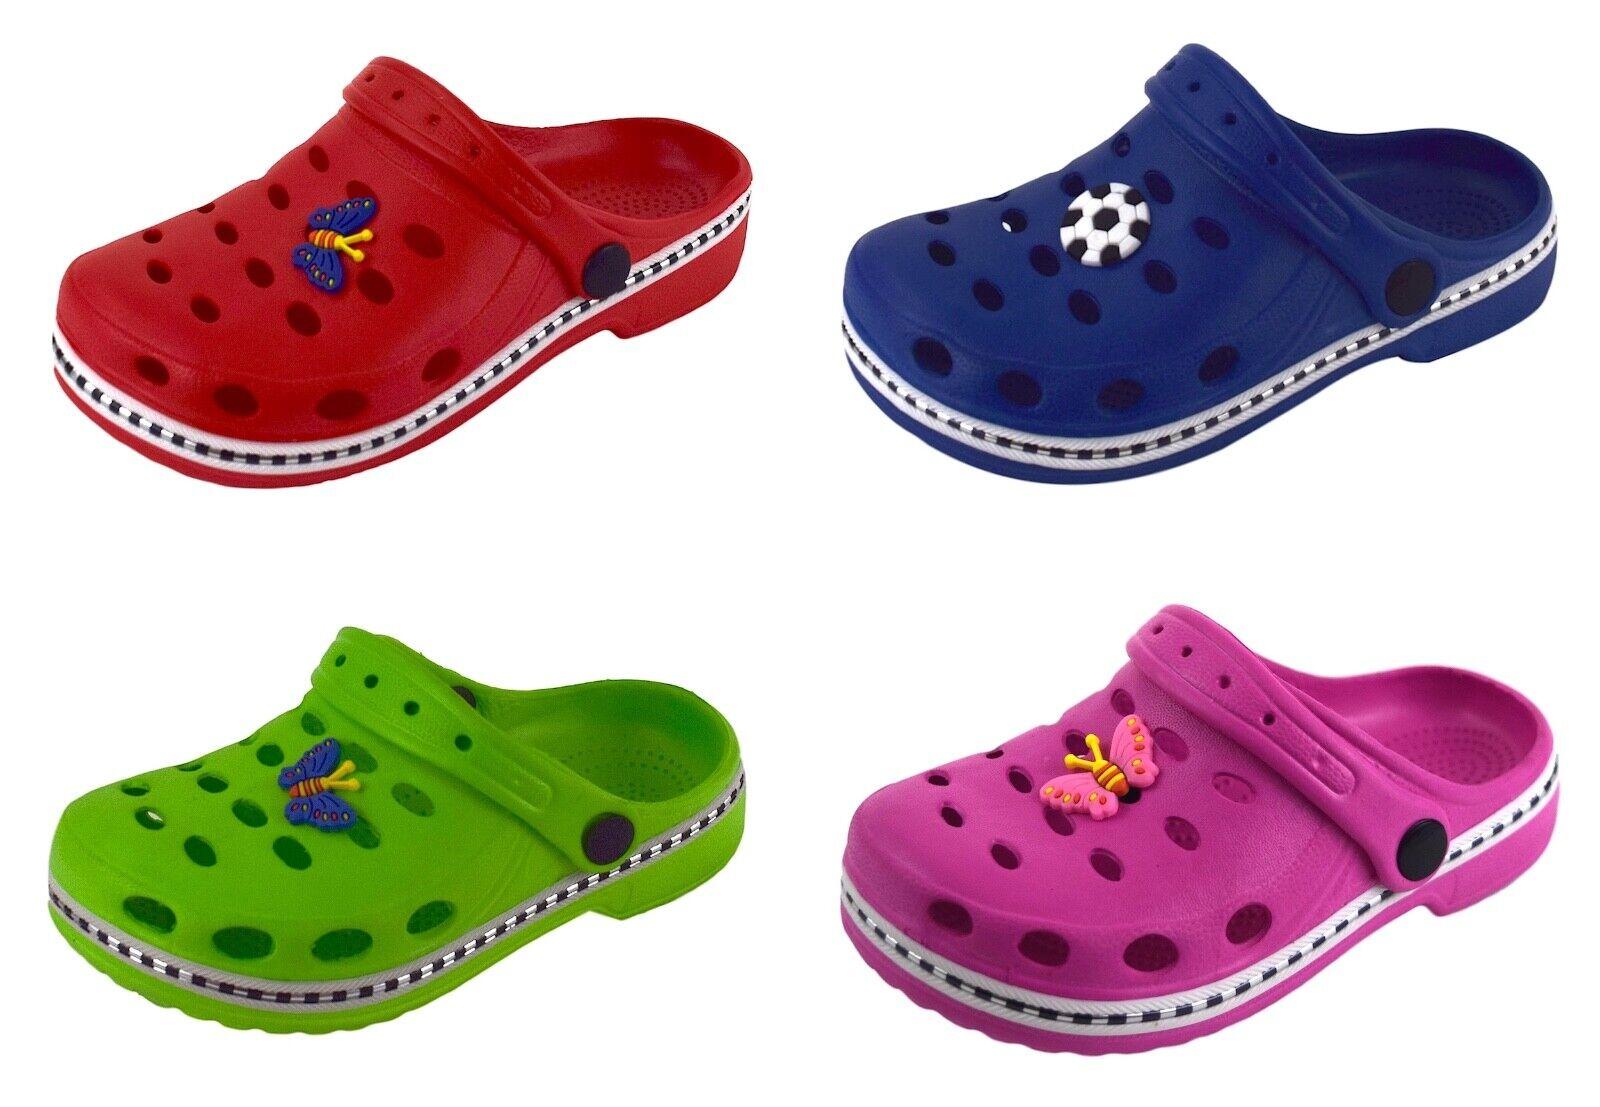 Kinder Clogs Pantoletten Hausschuhe Badeschuhe Sandalen Schuhe Gr. 18/19 - 34/35